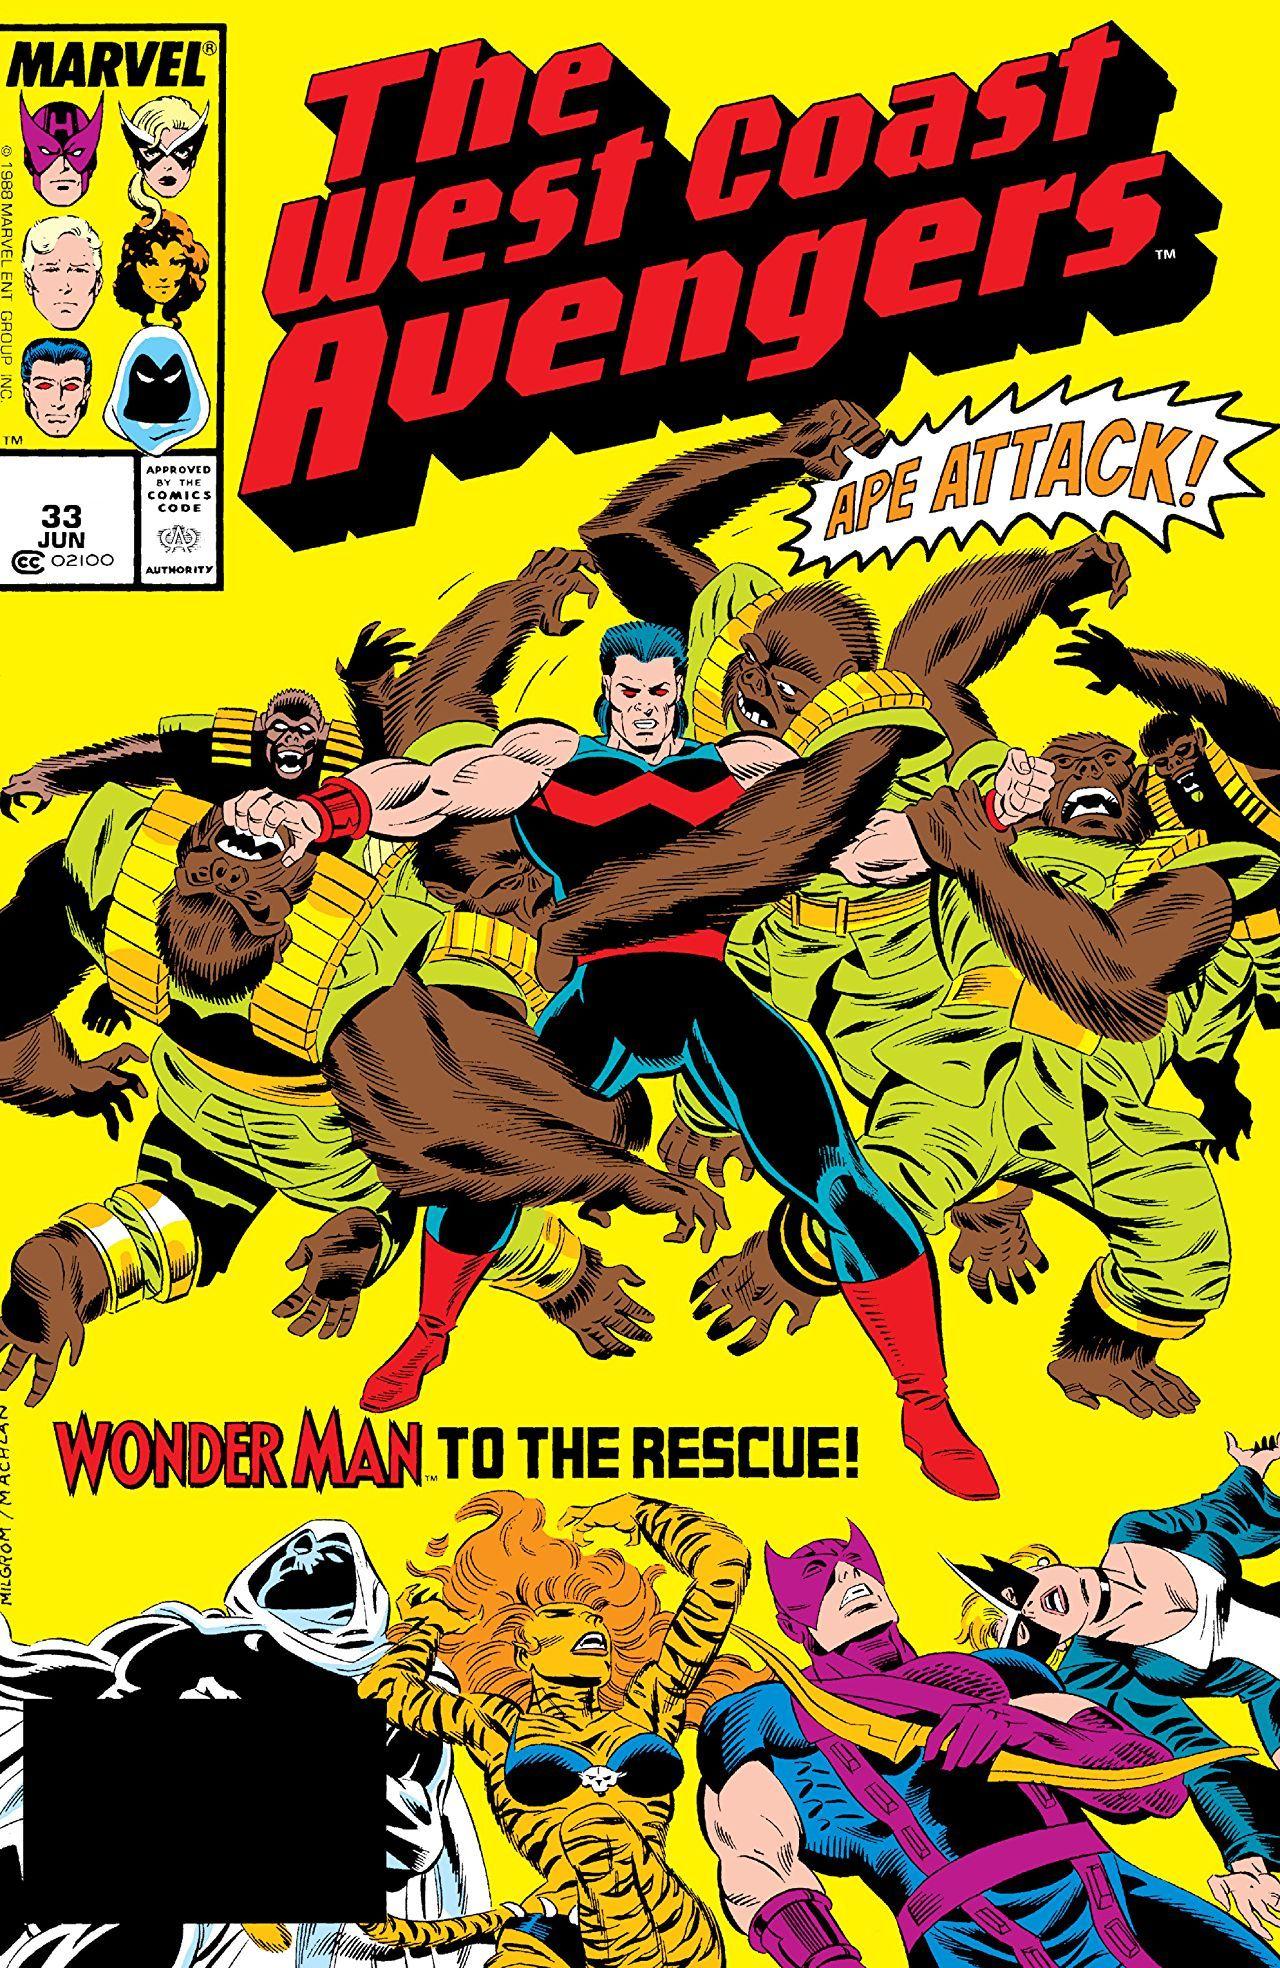 Avengers West Coast (1985) #33 #Marvel @Marvel @Marvelofficial #Avengerswestcoast